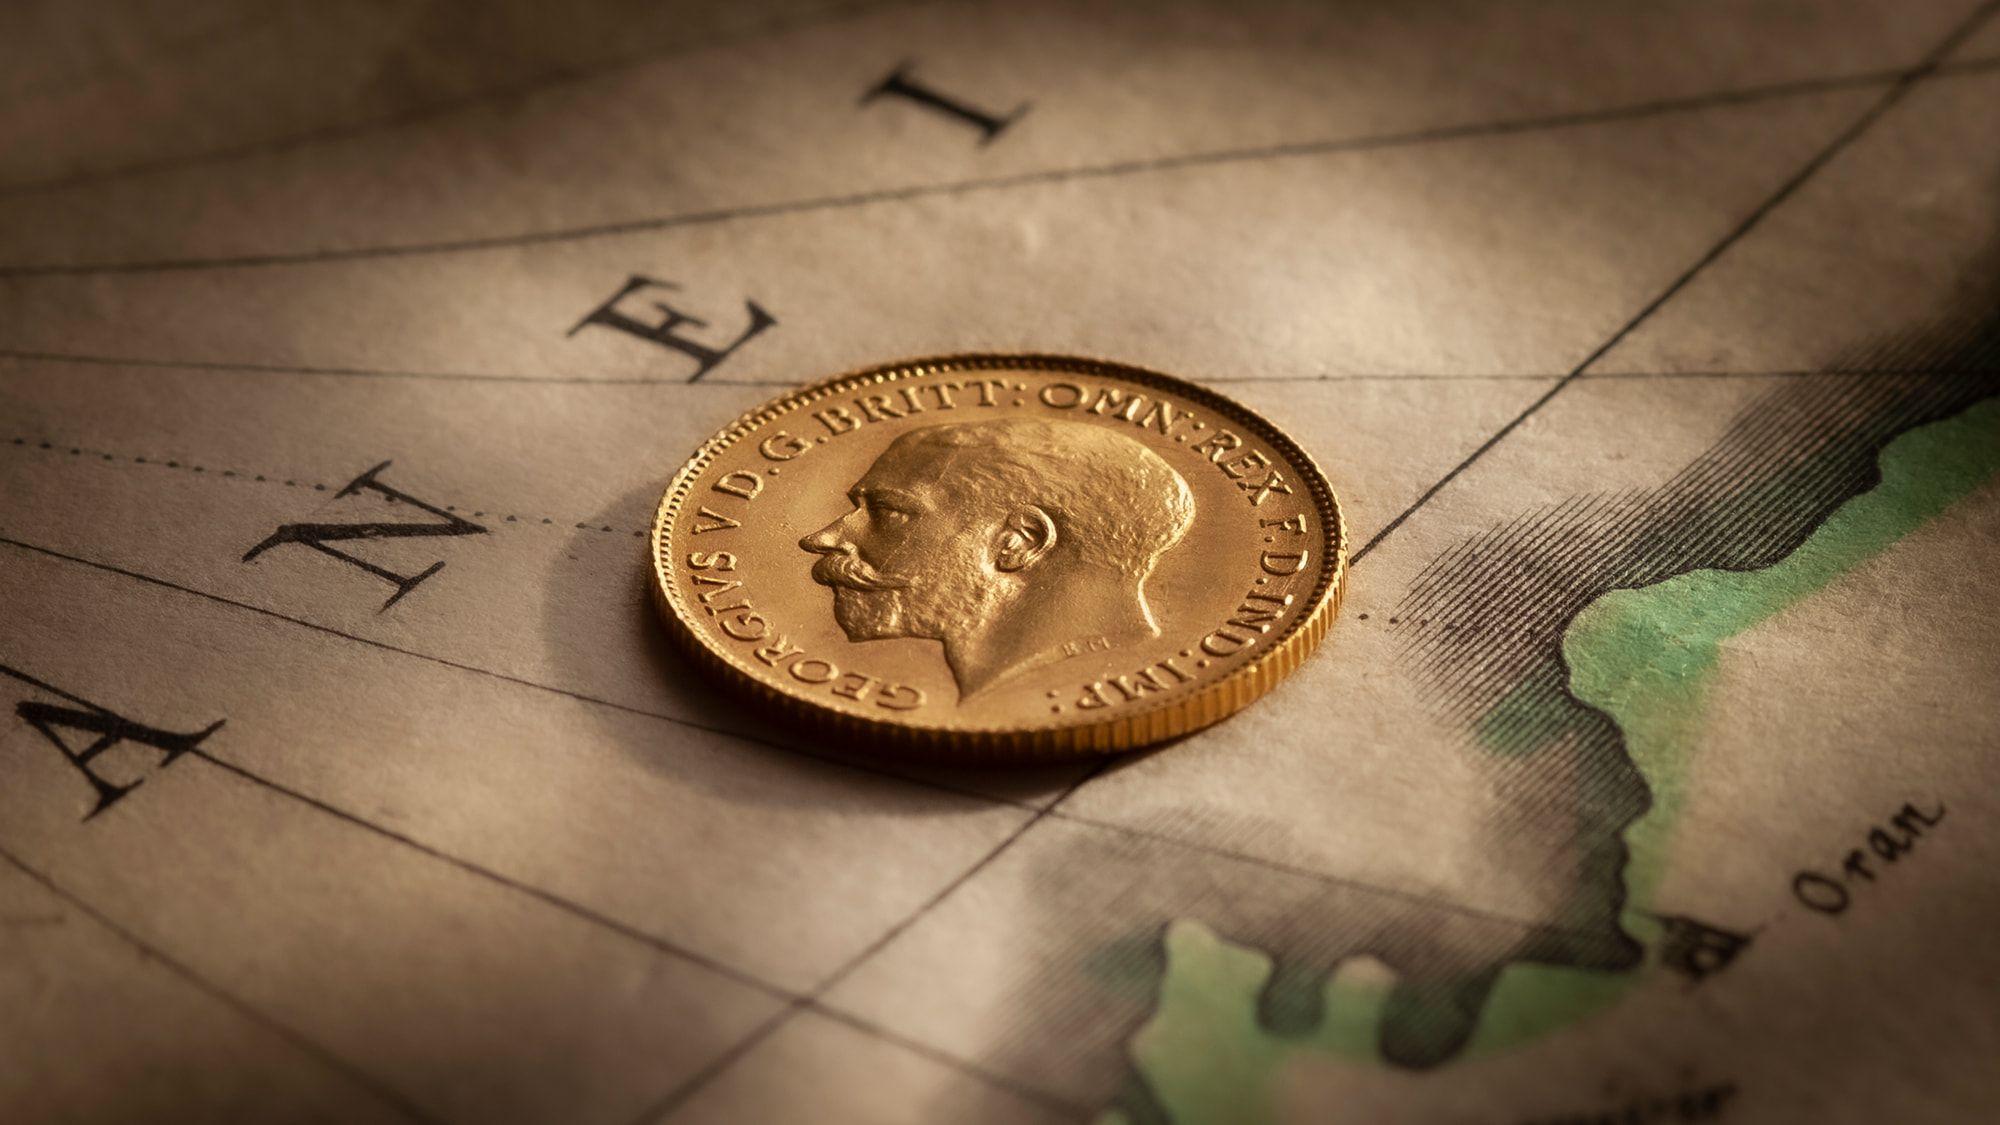 1918-Perth-Mint-Half-Sovereign-Obv-42963-October-2021